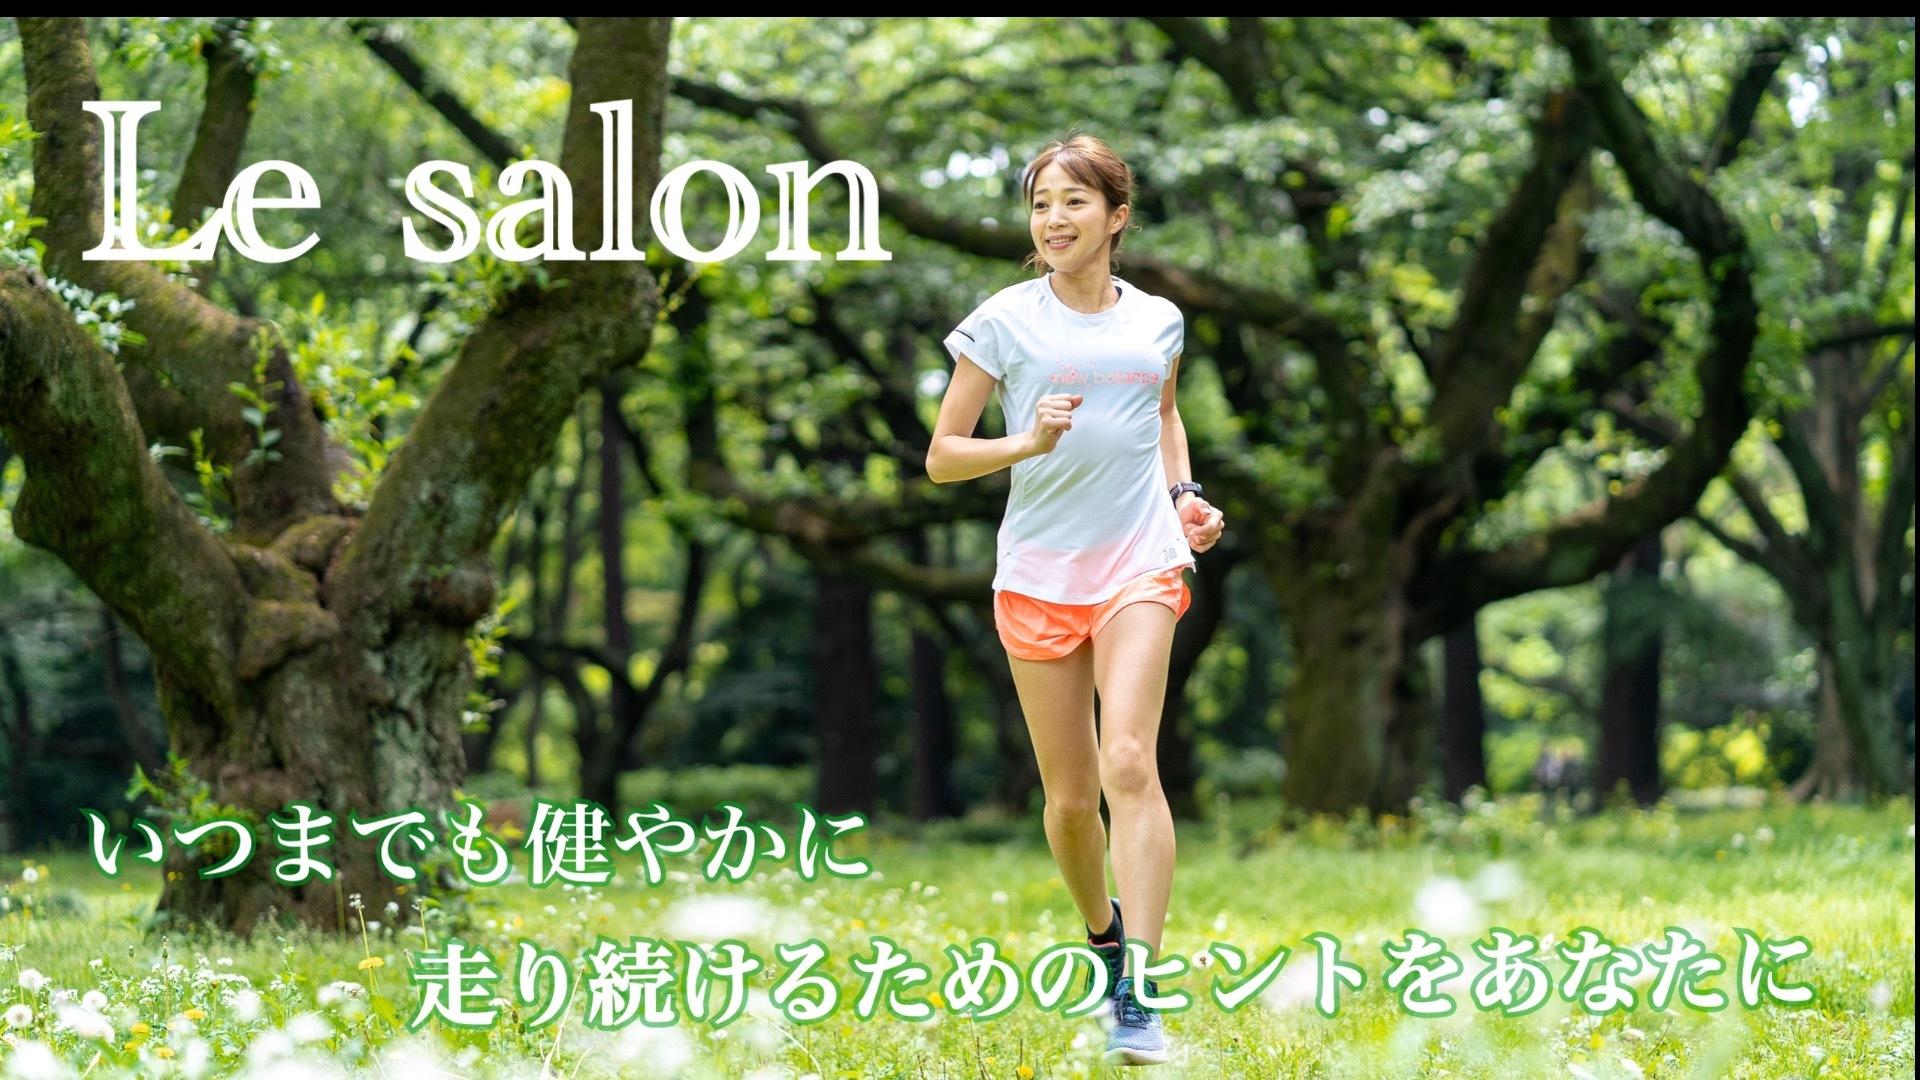 Le salon〜いつまでも健やかに走り続けるためのヒントをあなたに〜